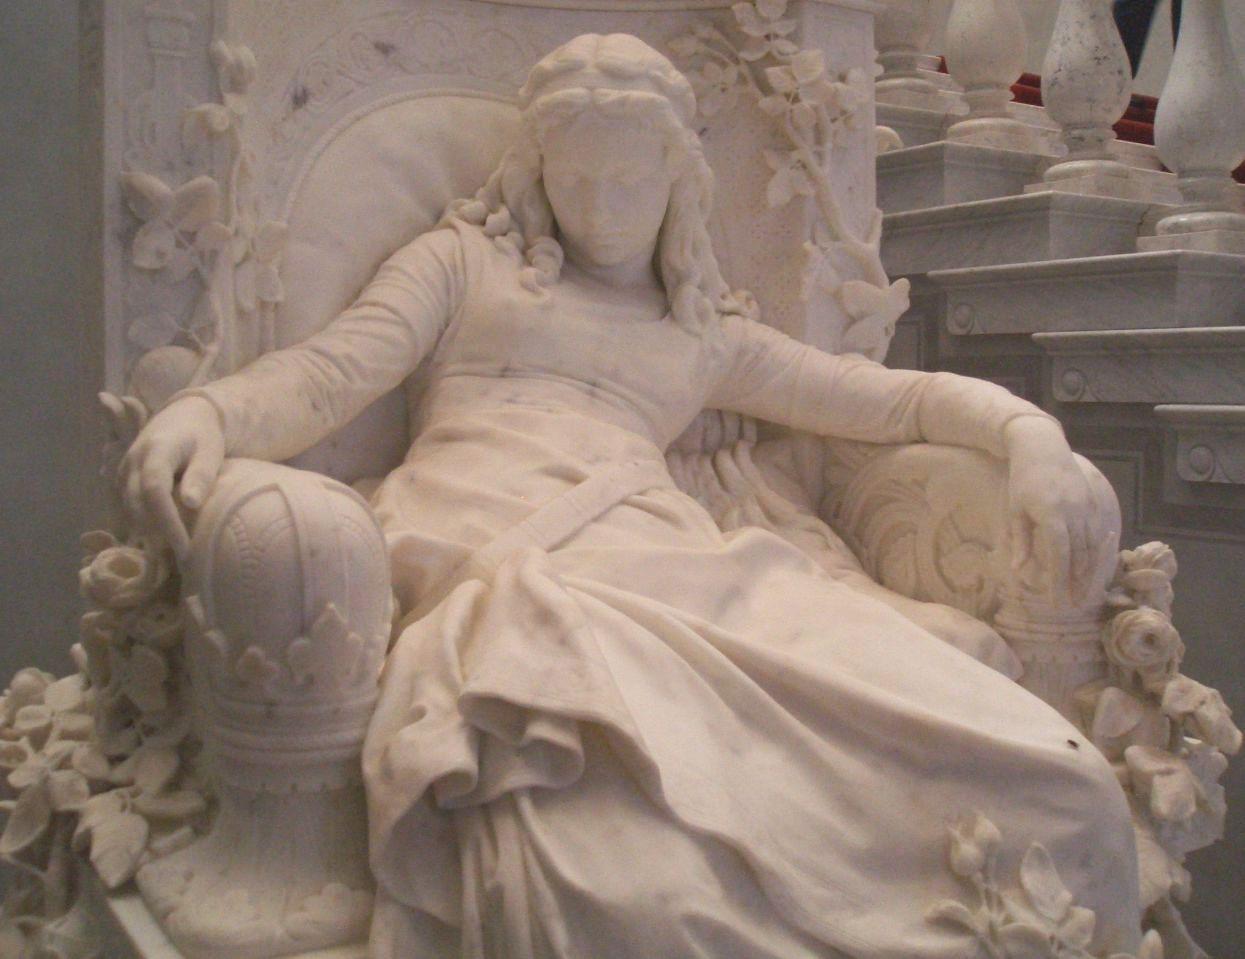 Louis Sussmann - Dornröschen - Mutter Erde fec - Sleeping Beauty - Wikipedia, the free encyclopedia